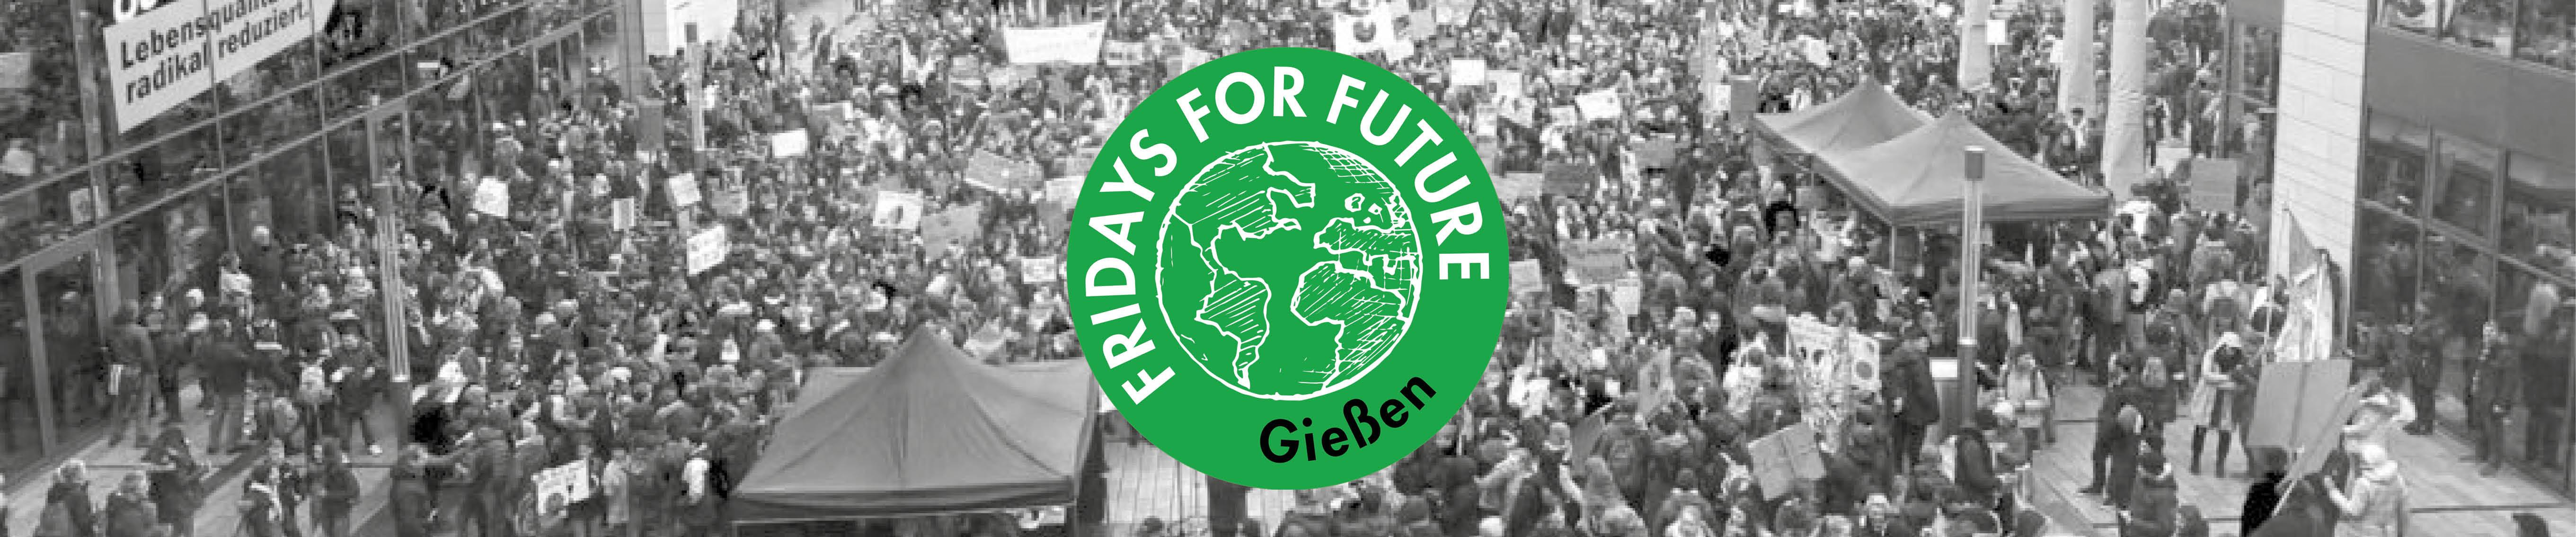 Fridays For Future Gießen